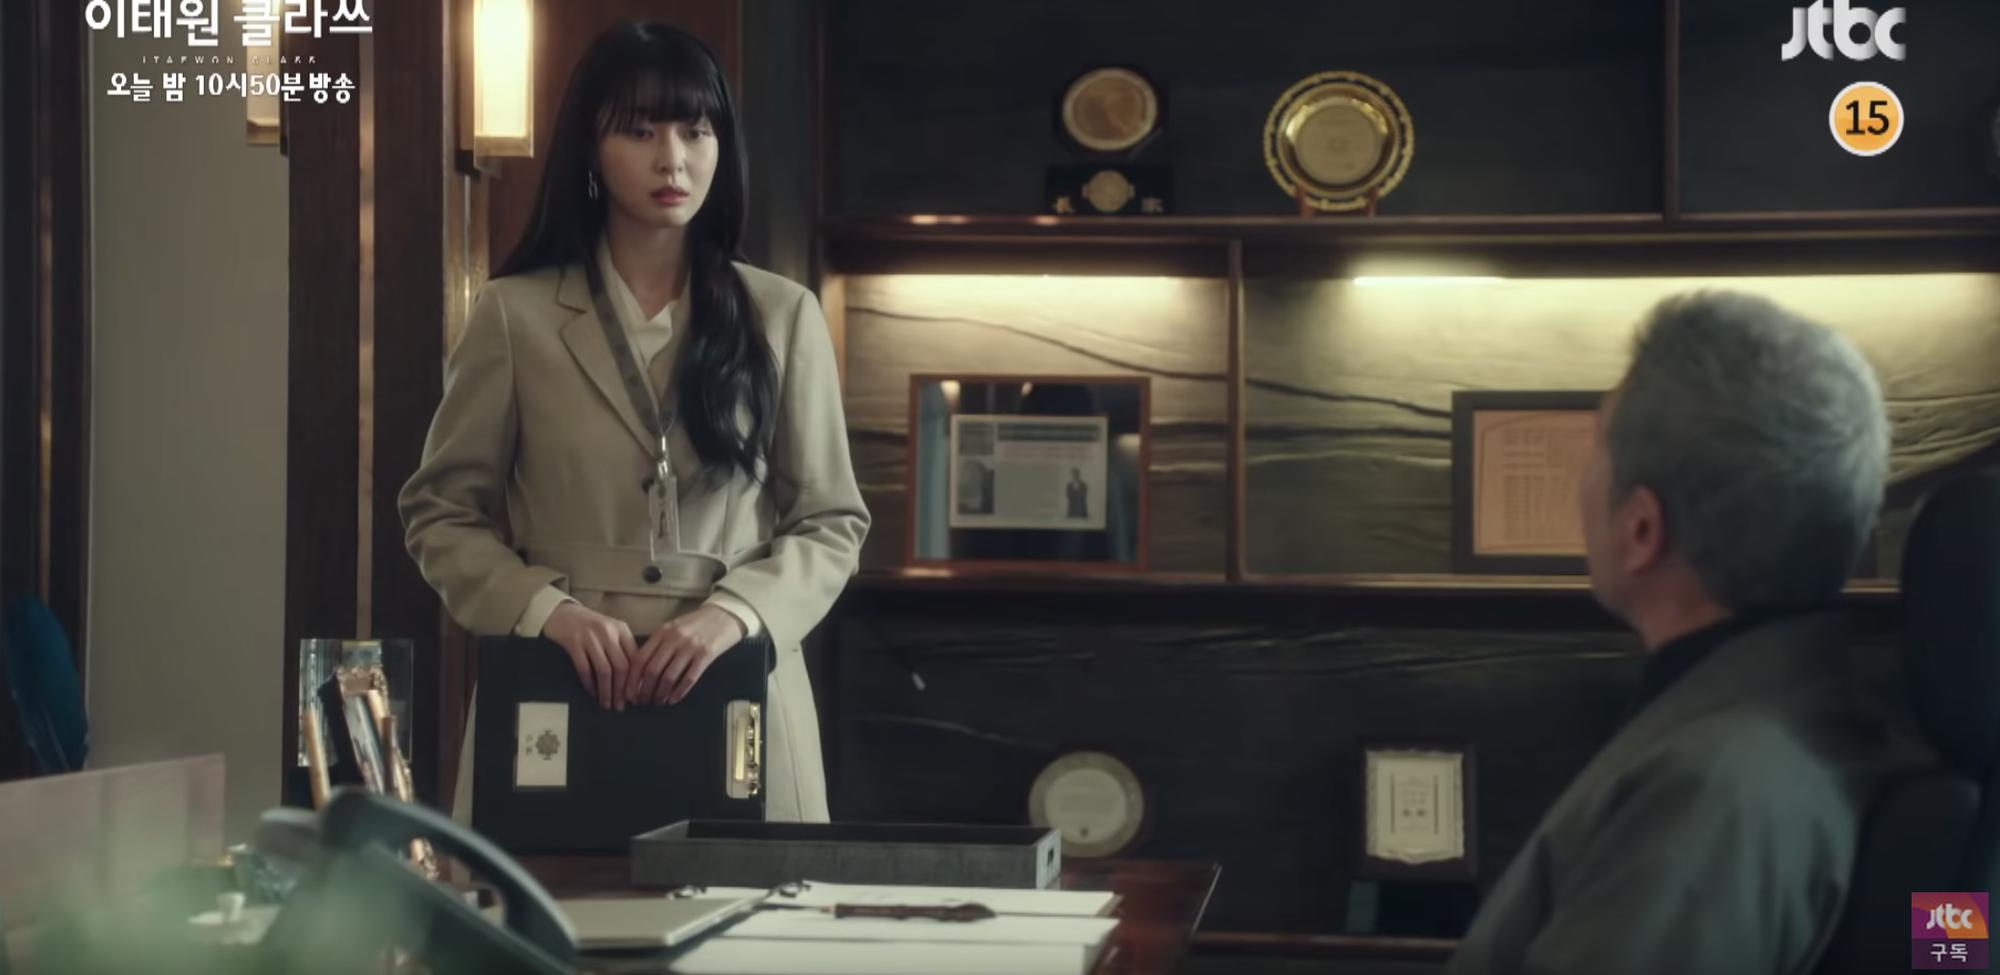 Preview Tầng Lớp Itaewon tập 6: Điên nữ nói thẳng thích Park Seo Joon, cảnh cáo sẽ huỷ hoại đời chị gái tình đầu - Ảnh 9.